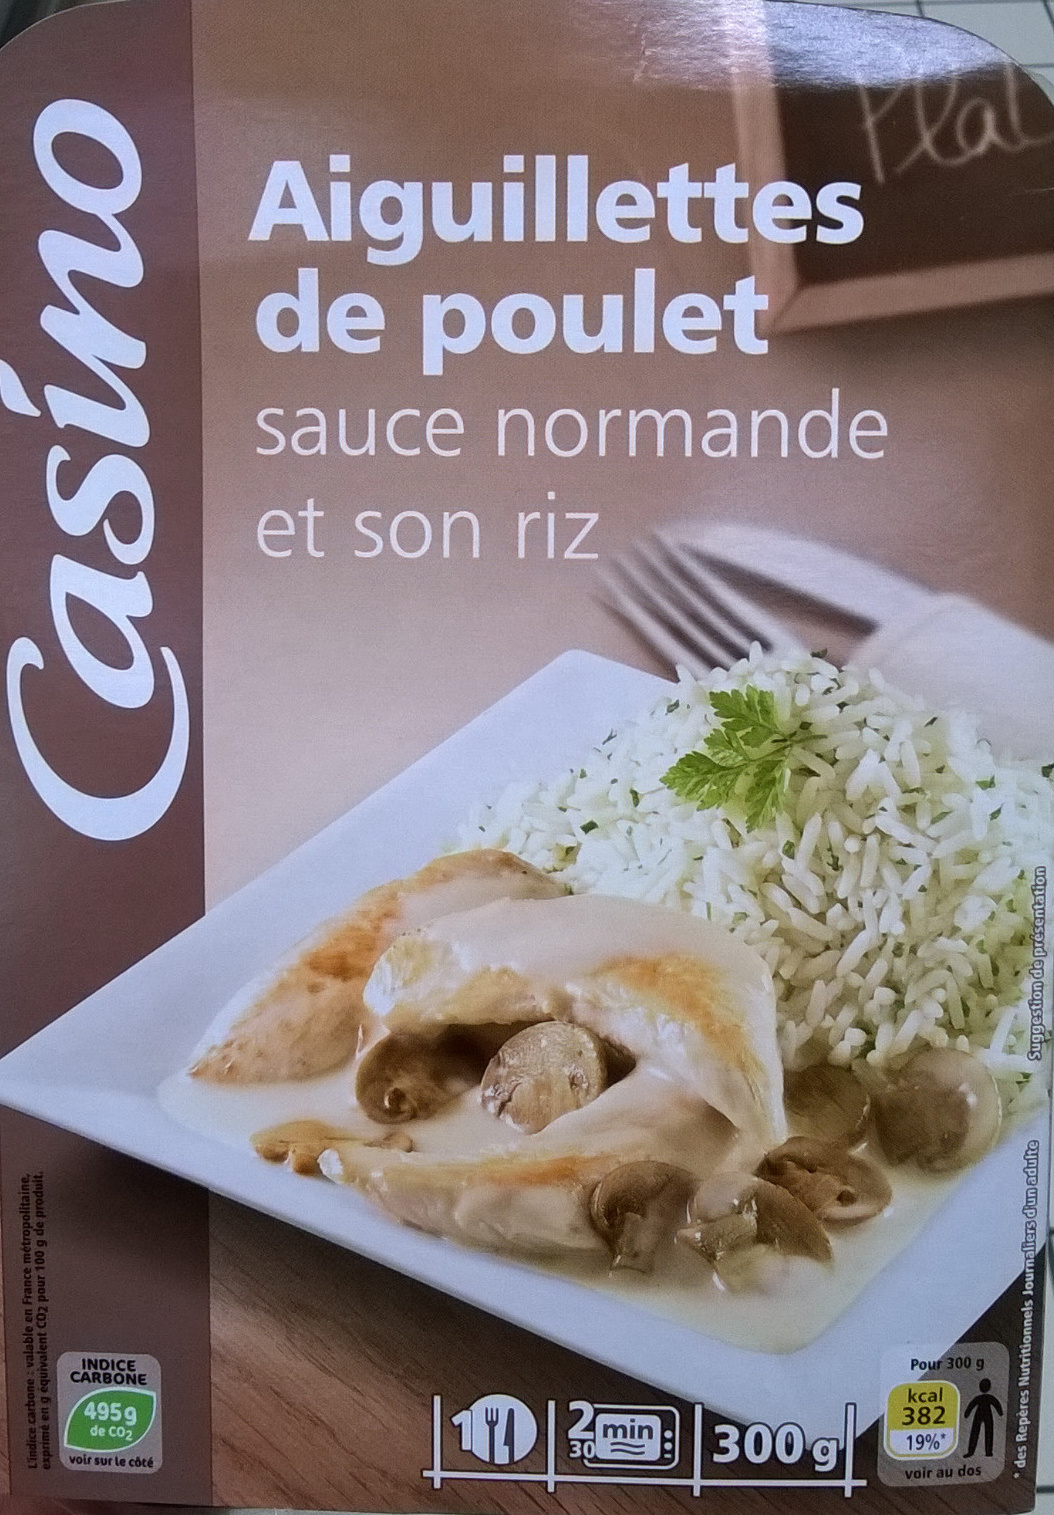 Aiguillettes de poulet, sauce normande et son riz - Prodotto - fr